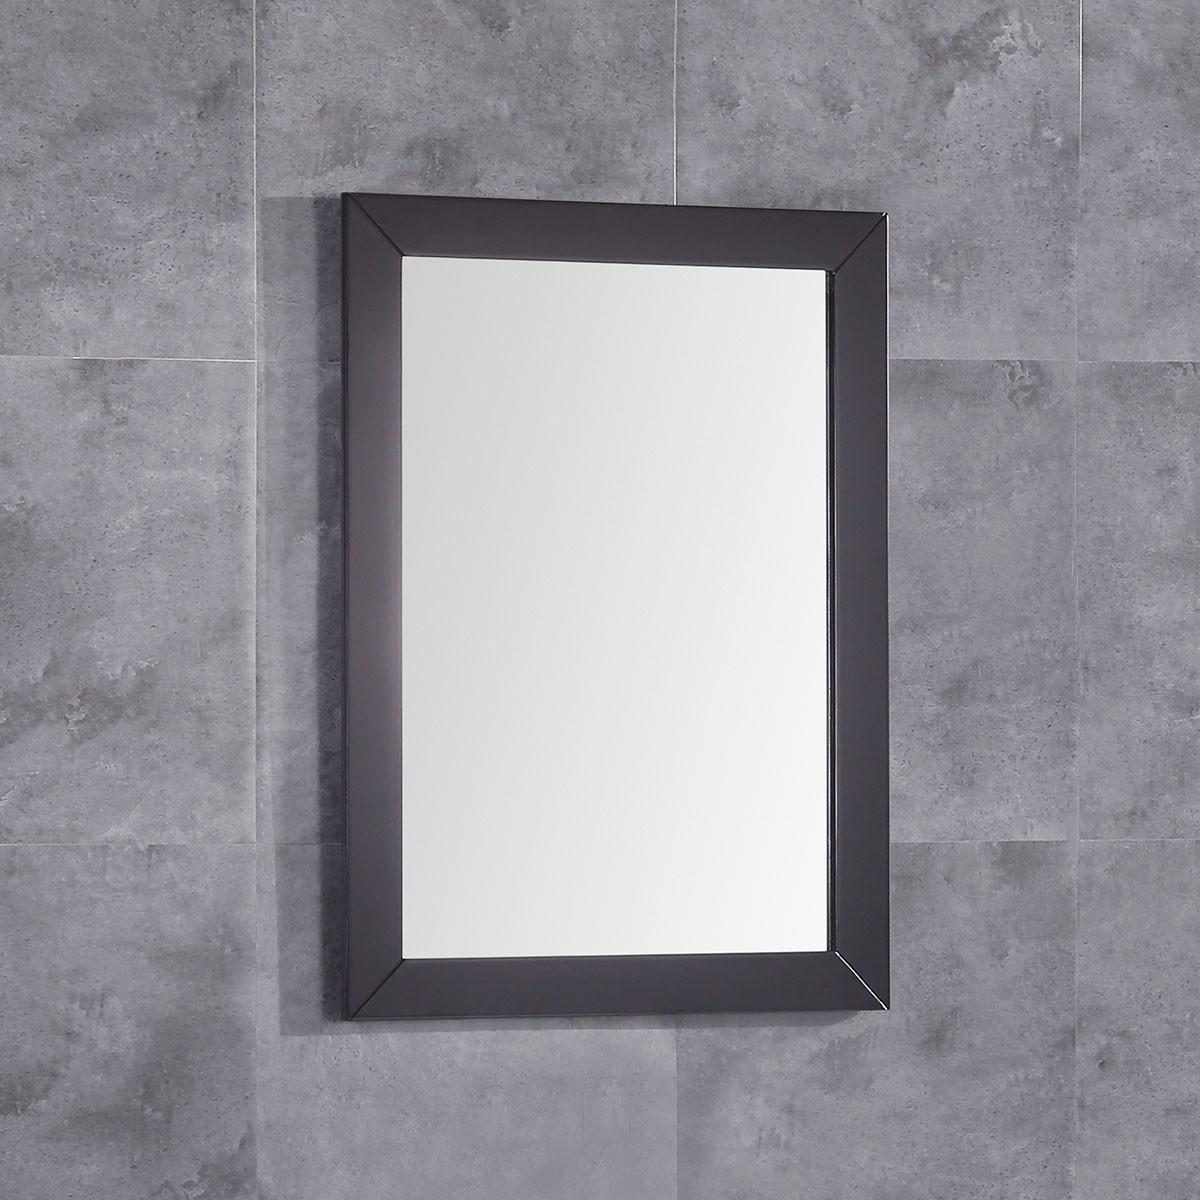 24 x 32 po Miroir pour vanité avec cadre en bois (DK-T9190-M)